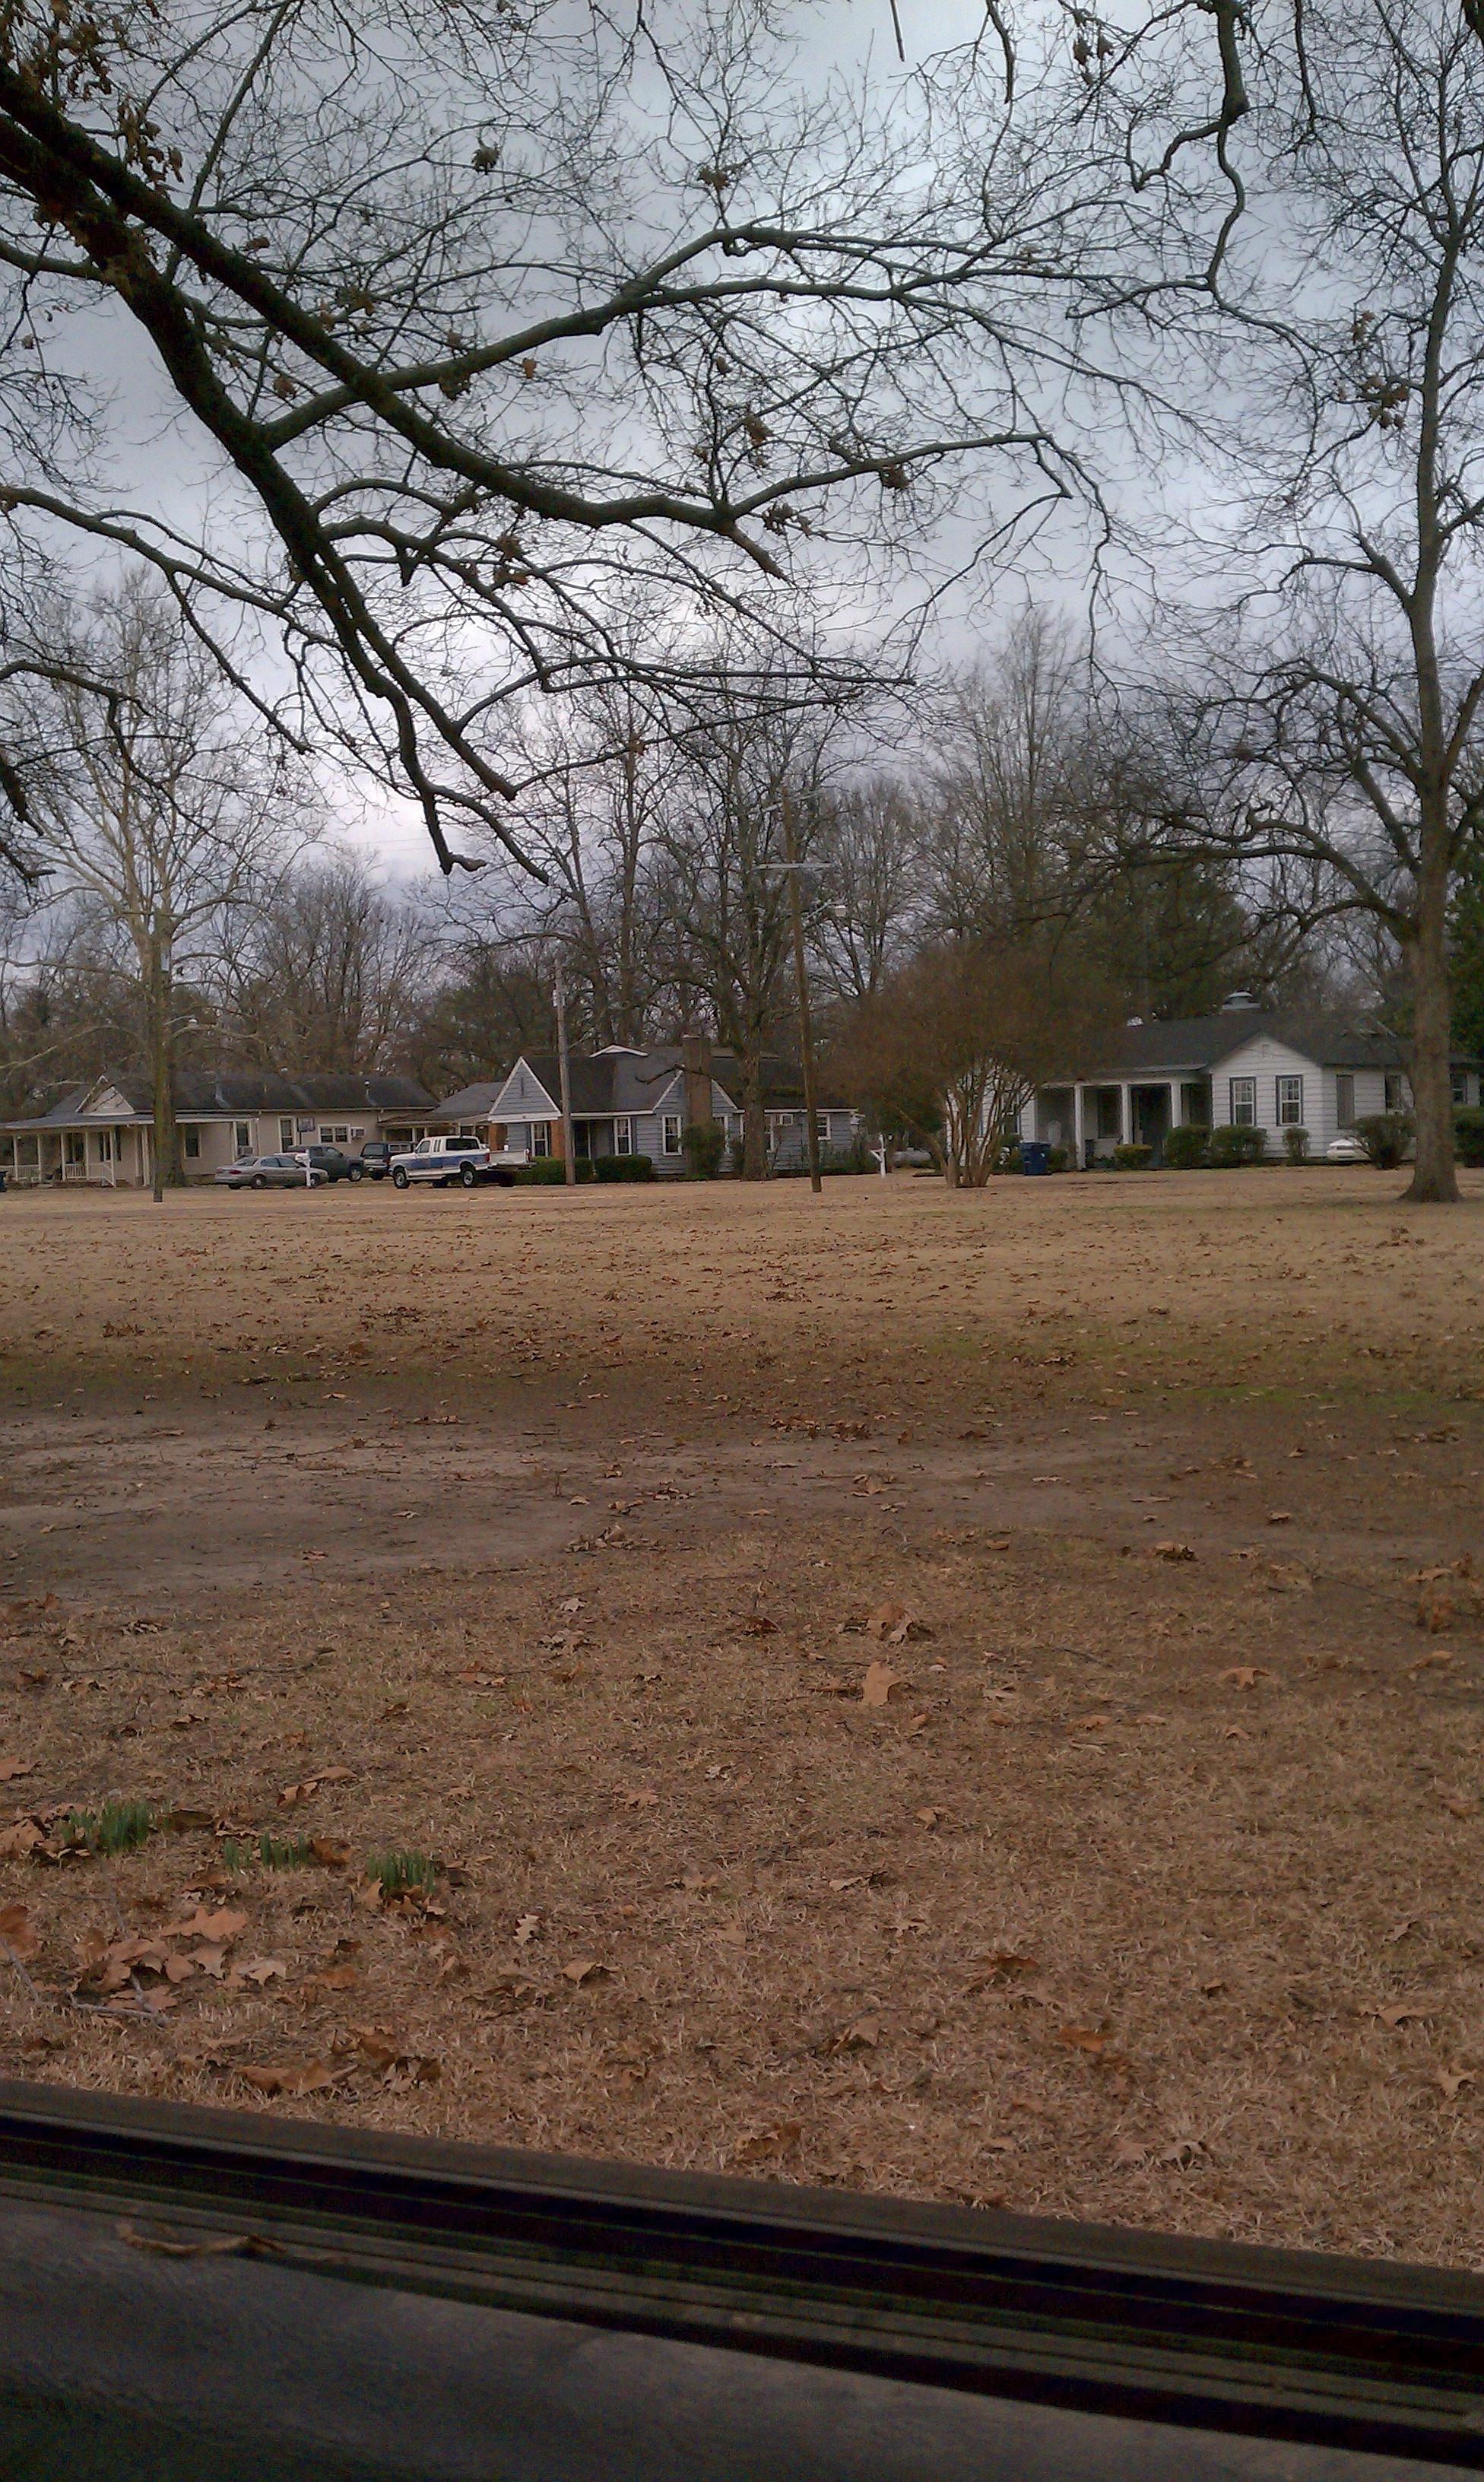 Mississippi coahoma county sherard - Mississippi Coahoma County Sherard 59